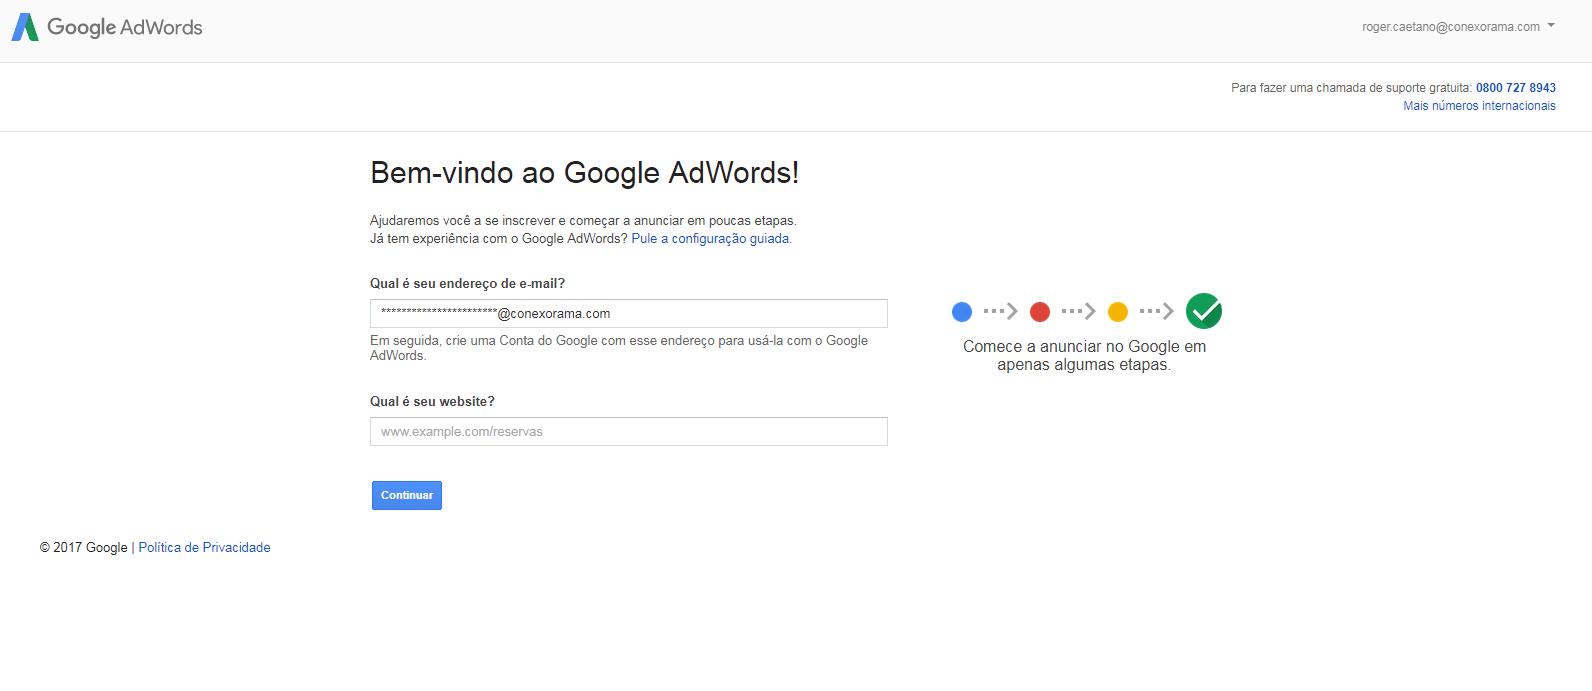 bem-vindo-ao-google-adwords